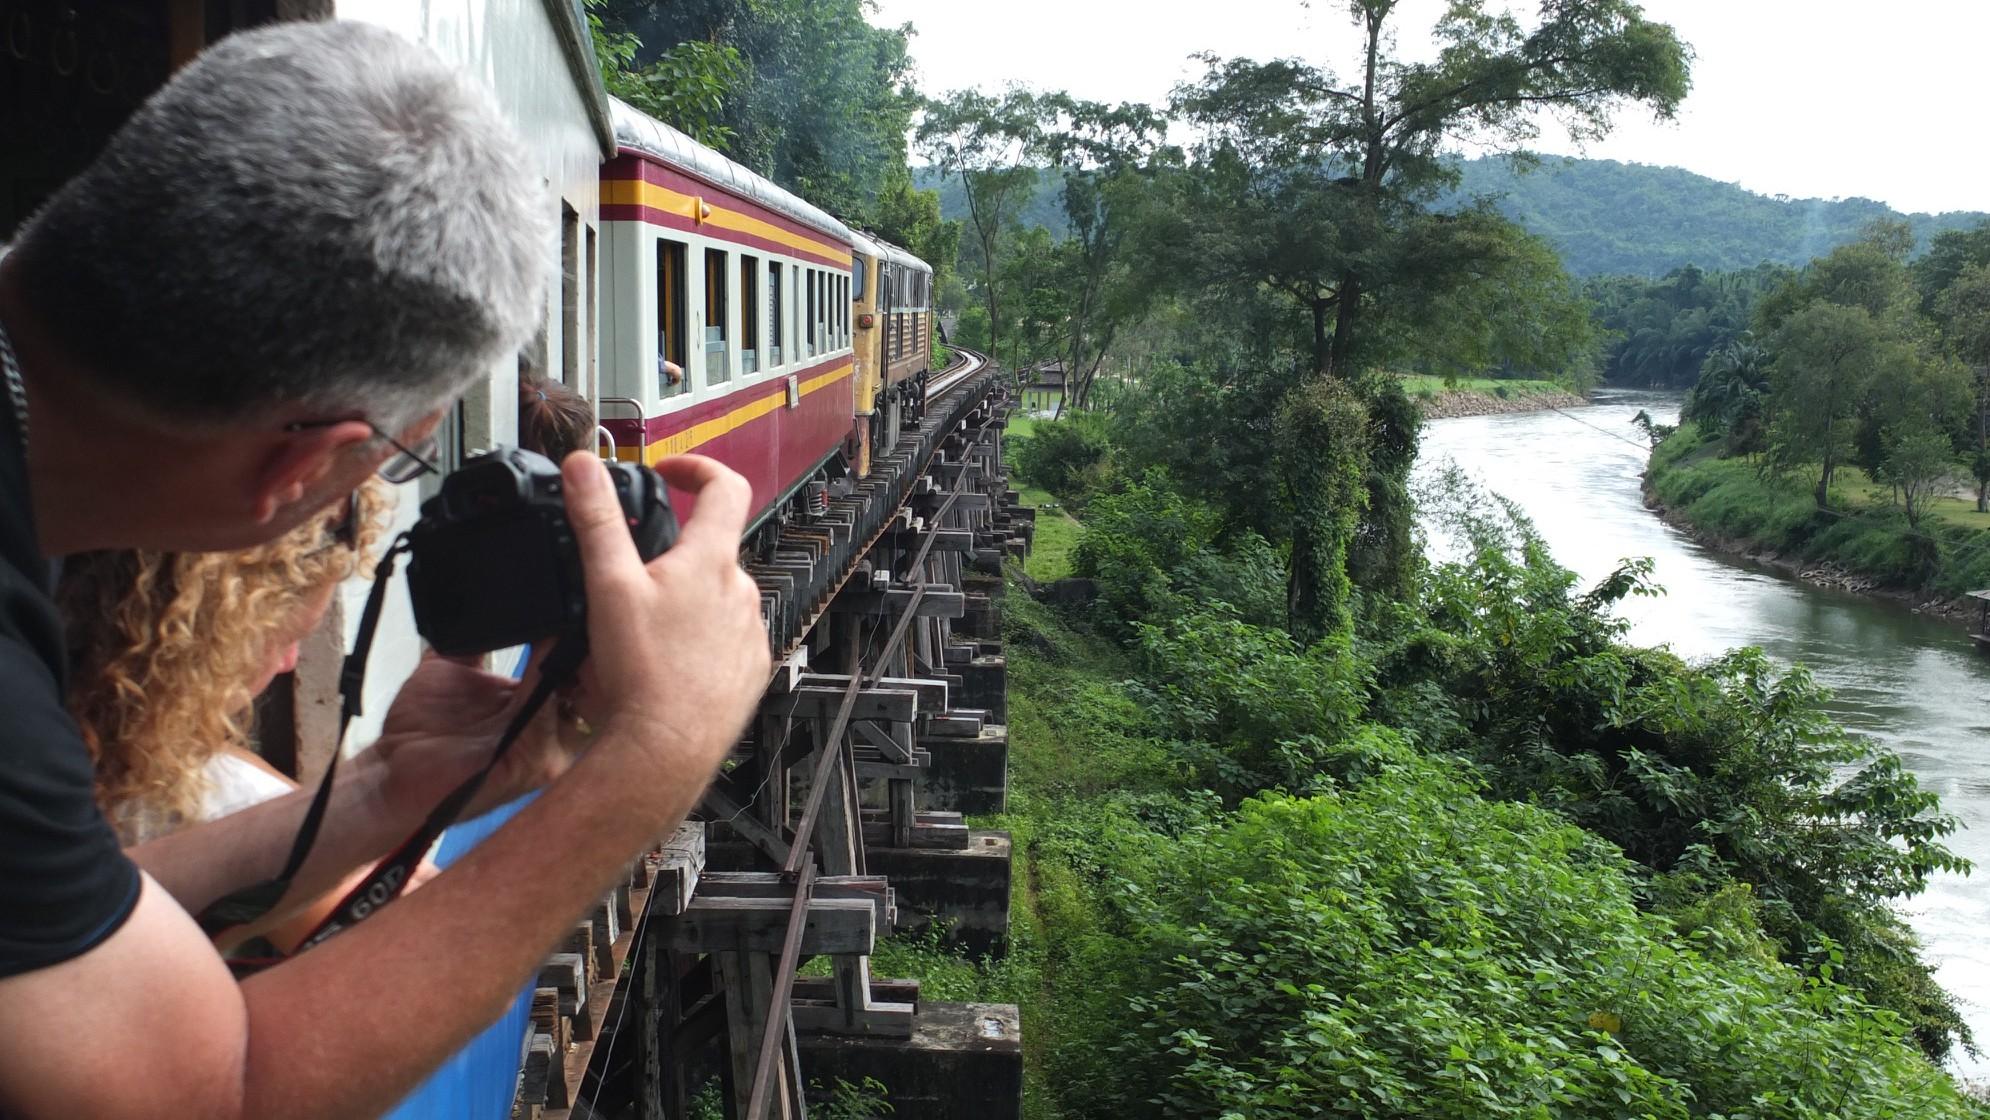 Tham-Krasae-Brücke Thailand, Dominik Sommerer, Dominiks Welt